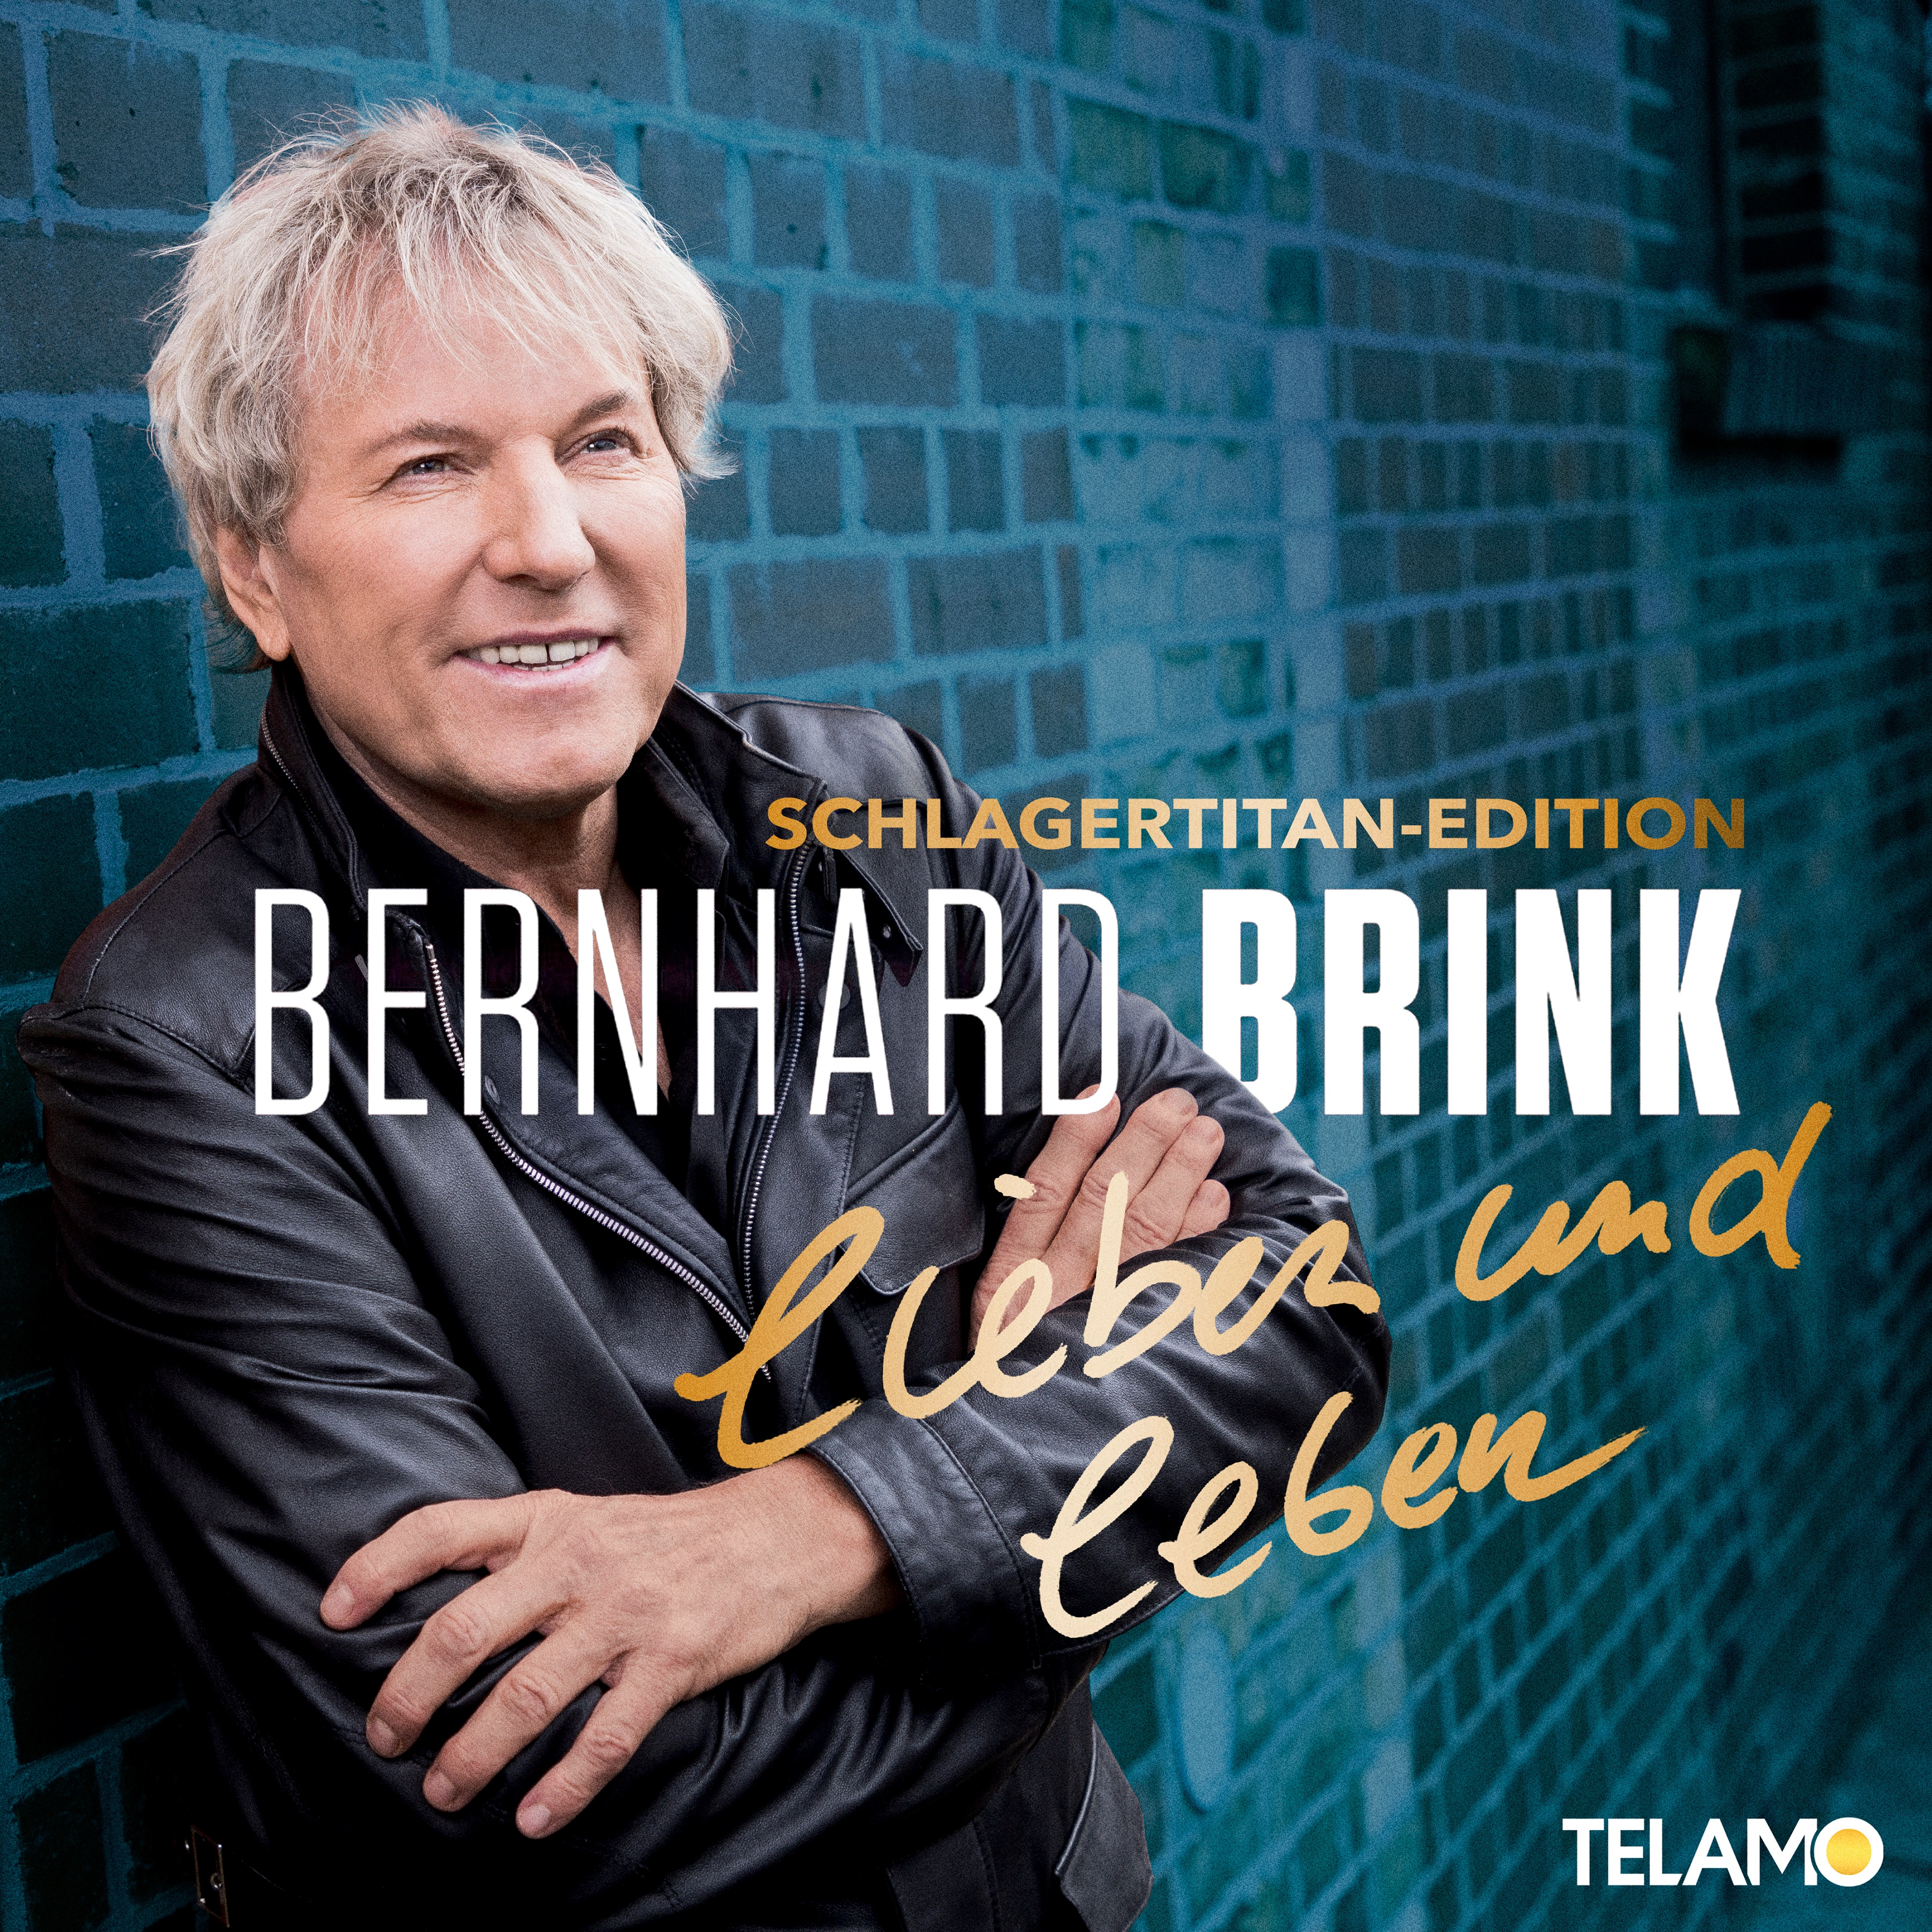 BERNHARD BRINK * lieben und leben – Schlagertitan-Edition (Doppel-CD)